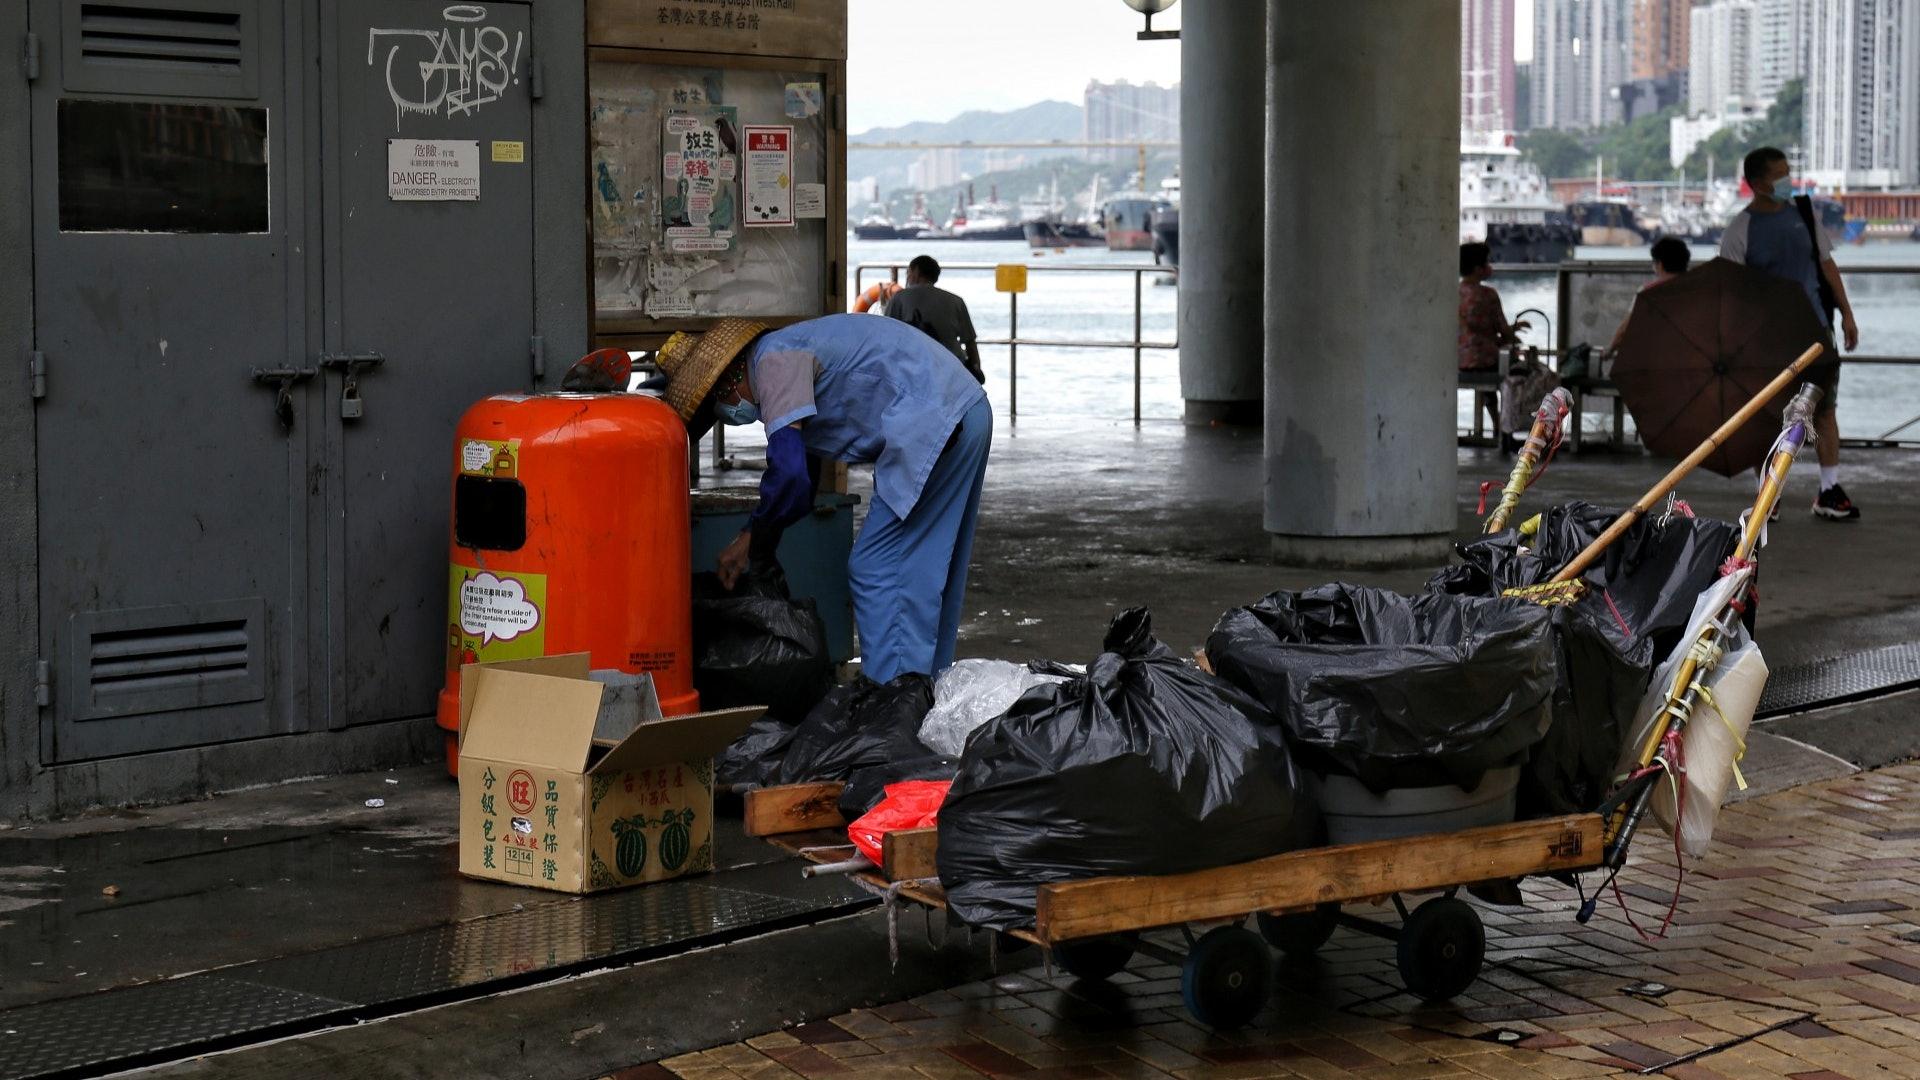 疫情下外賣需求急增,垃圾桶亦很快滿溢,清潔工惟有勤換袋。(鄧栢良攝)